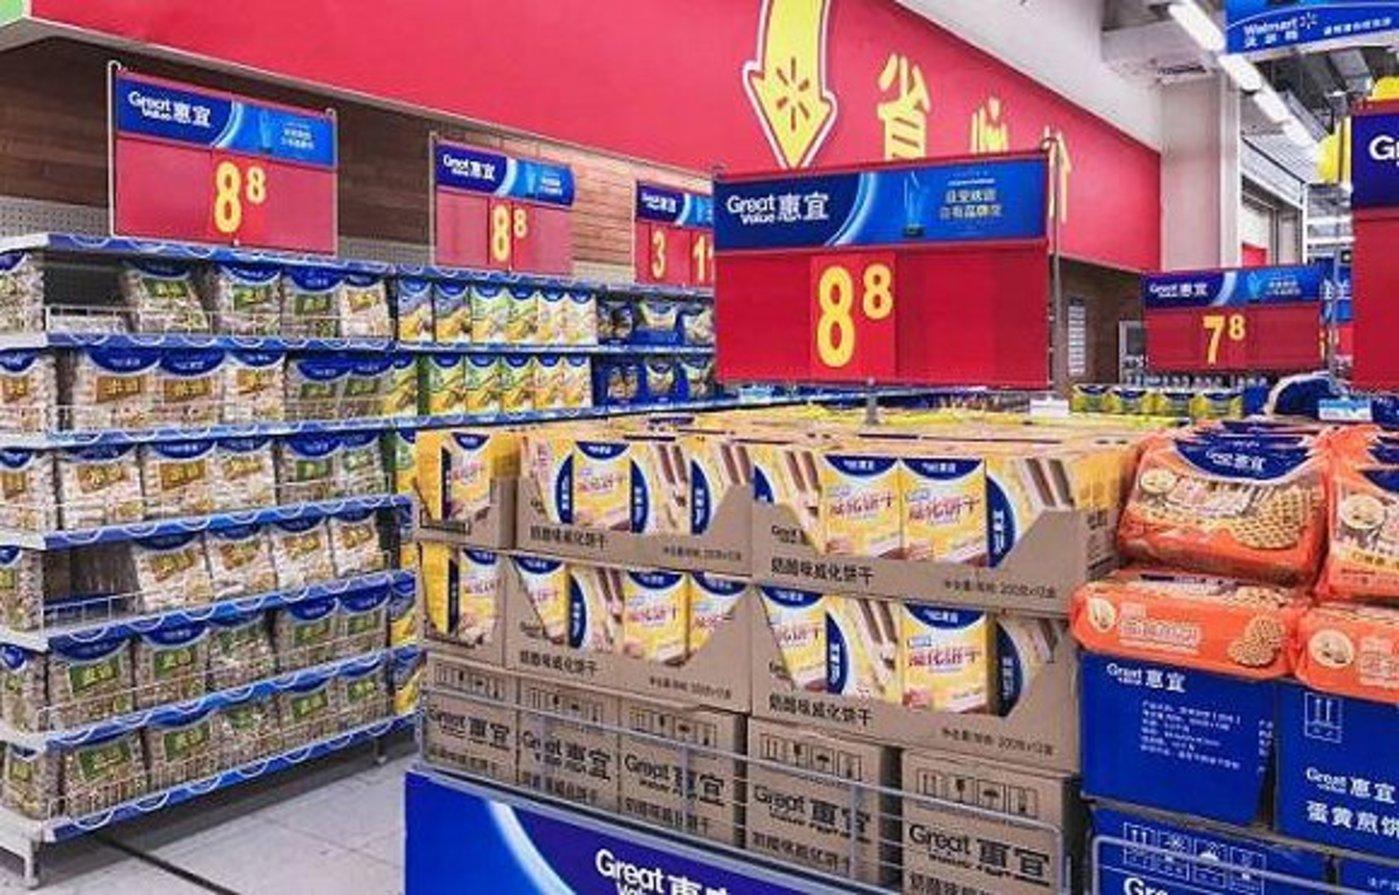 """沃尔玛卖场里的自由品牌""""惠宜"""""""